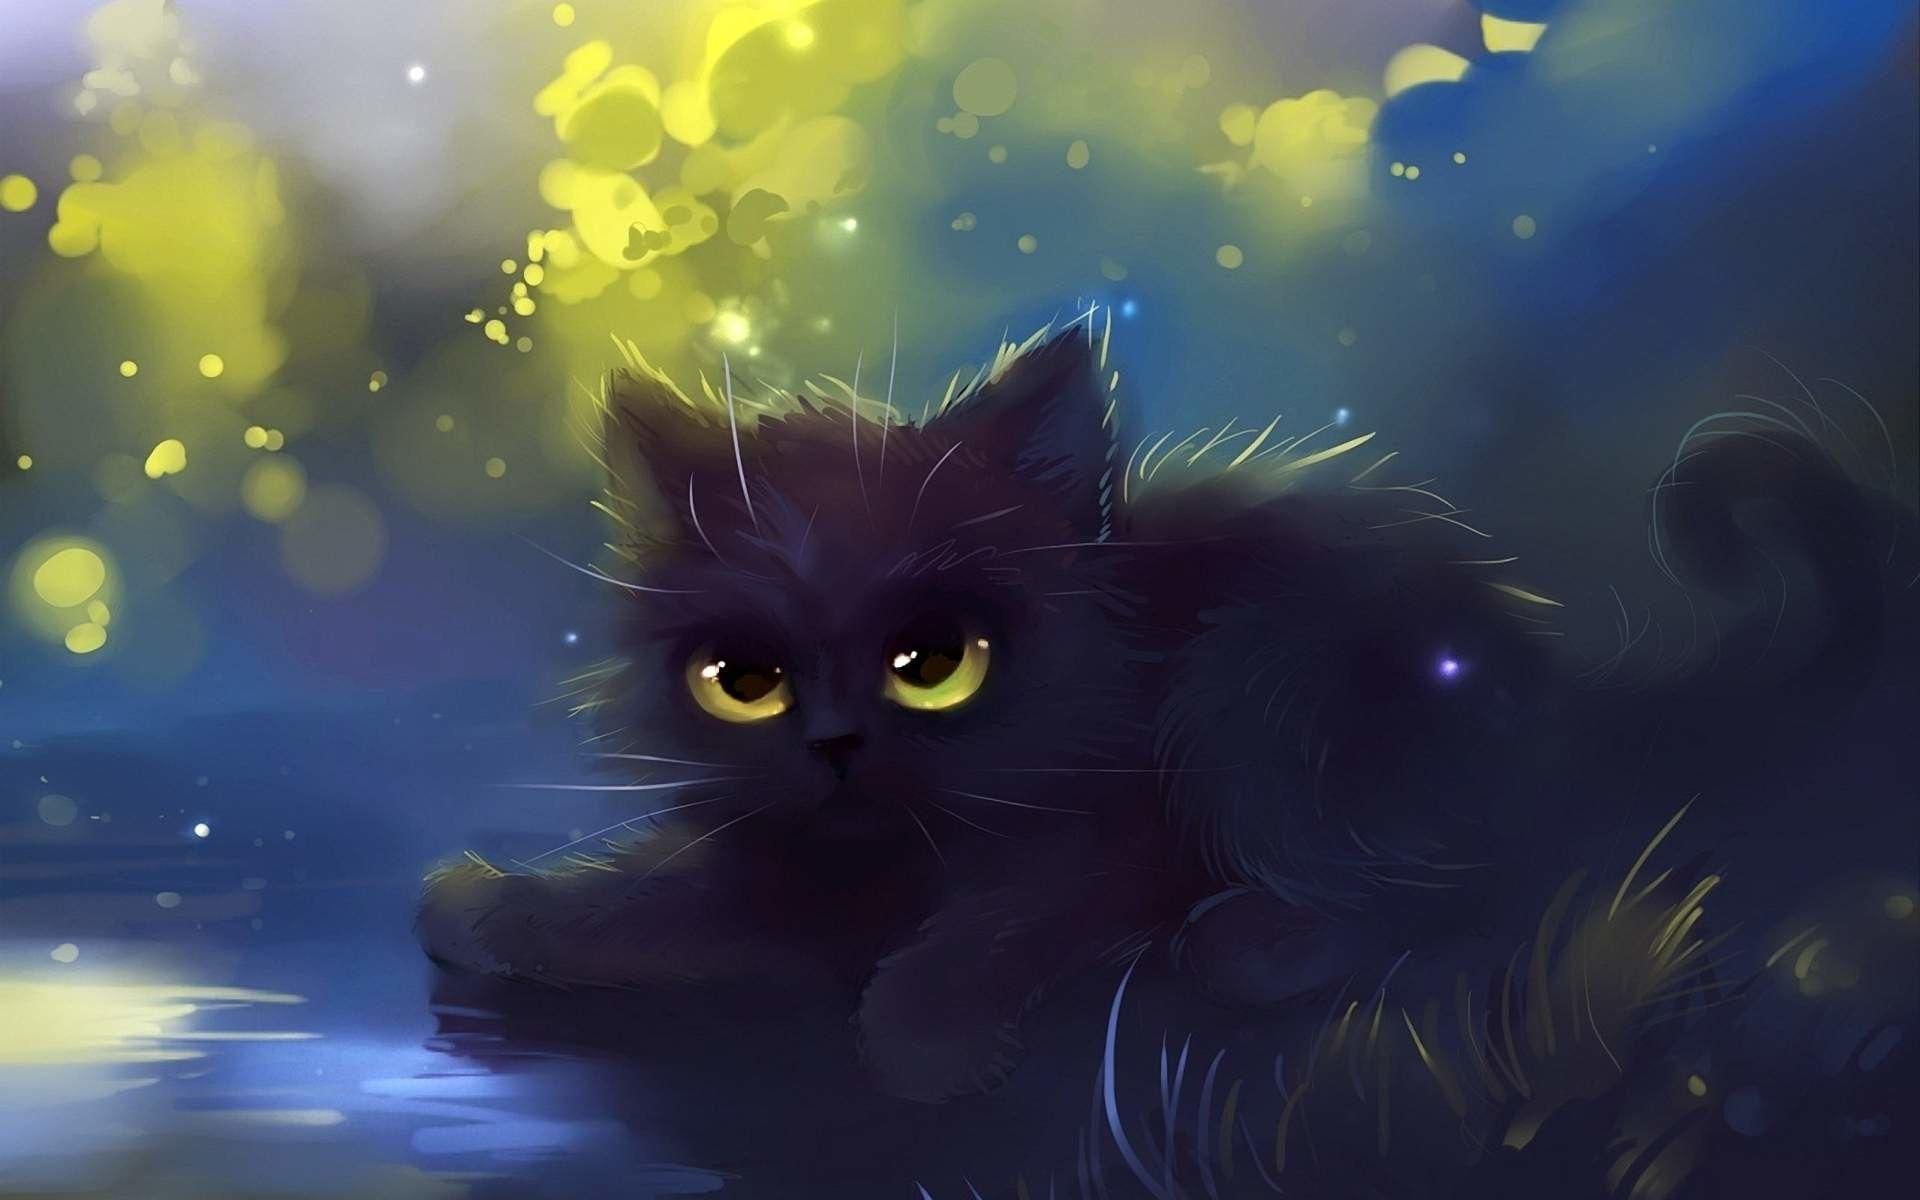 1920x1200 Cartoon Cat Wallpaper Black Cat Painting Cat Painting Black Cat Art